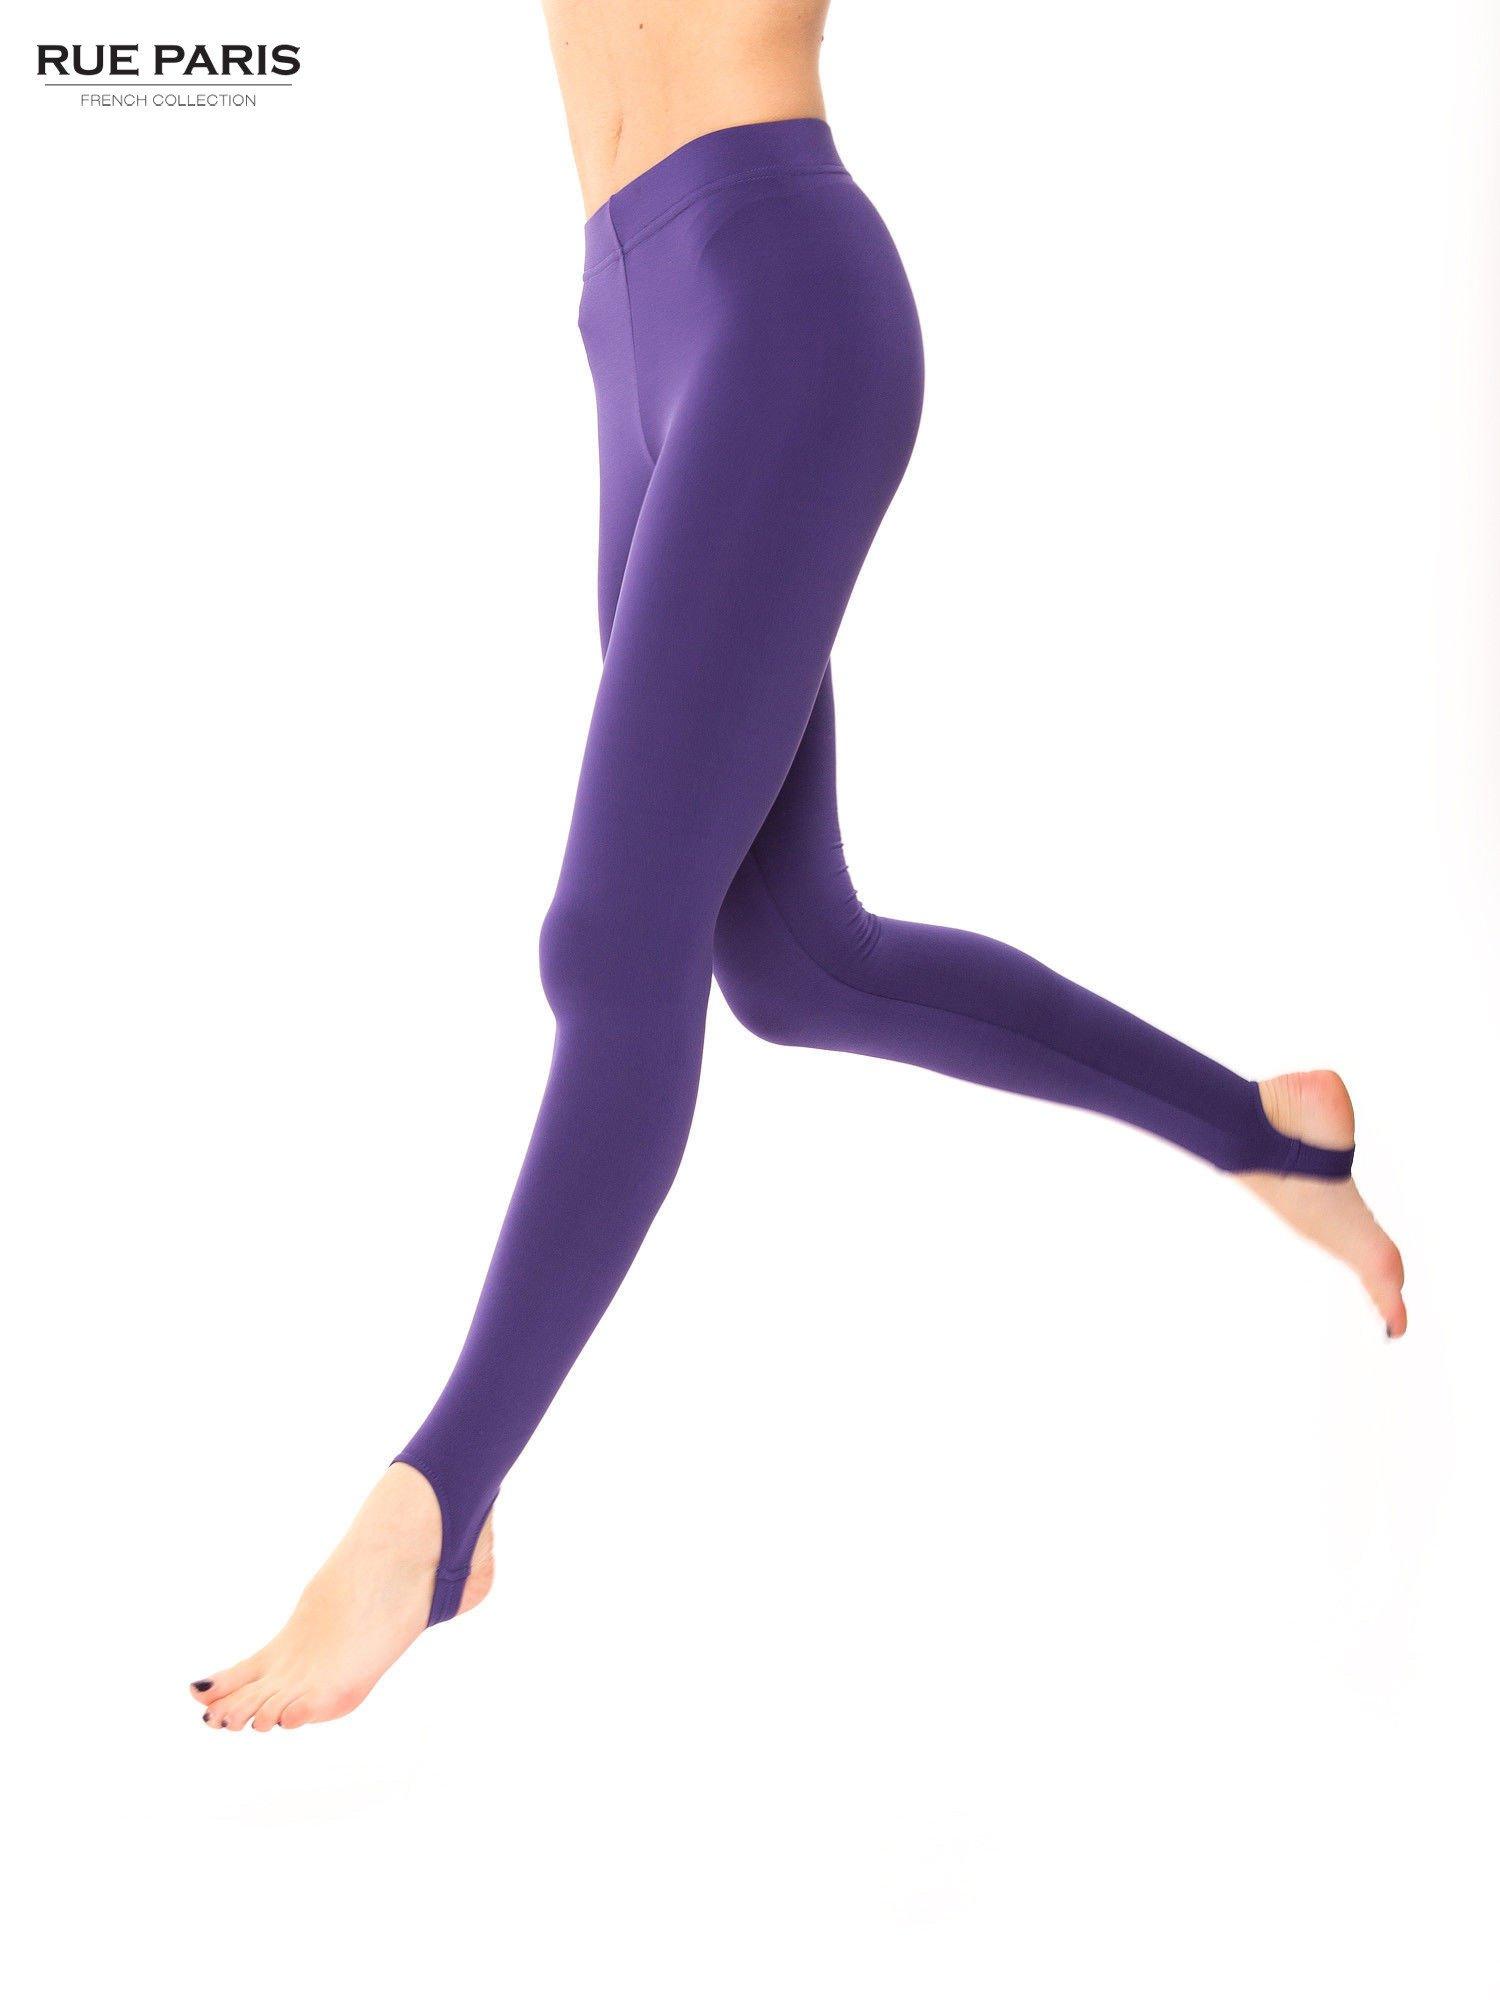 Fioletowe legginsy zakładane na stopę                                  zdj.                                  3